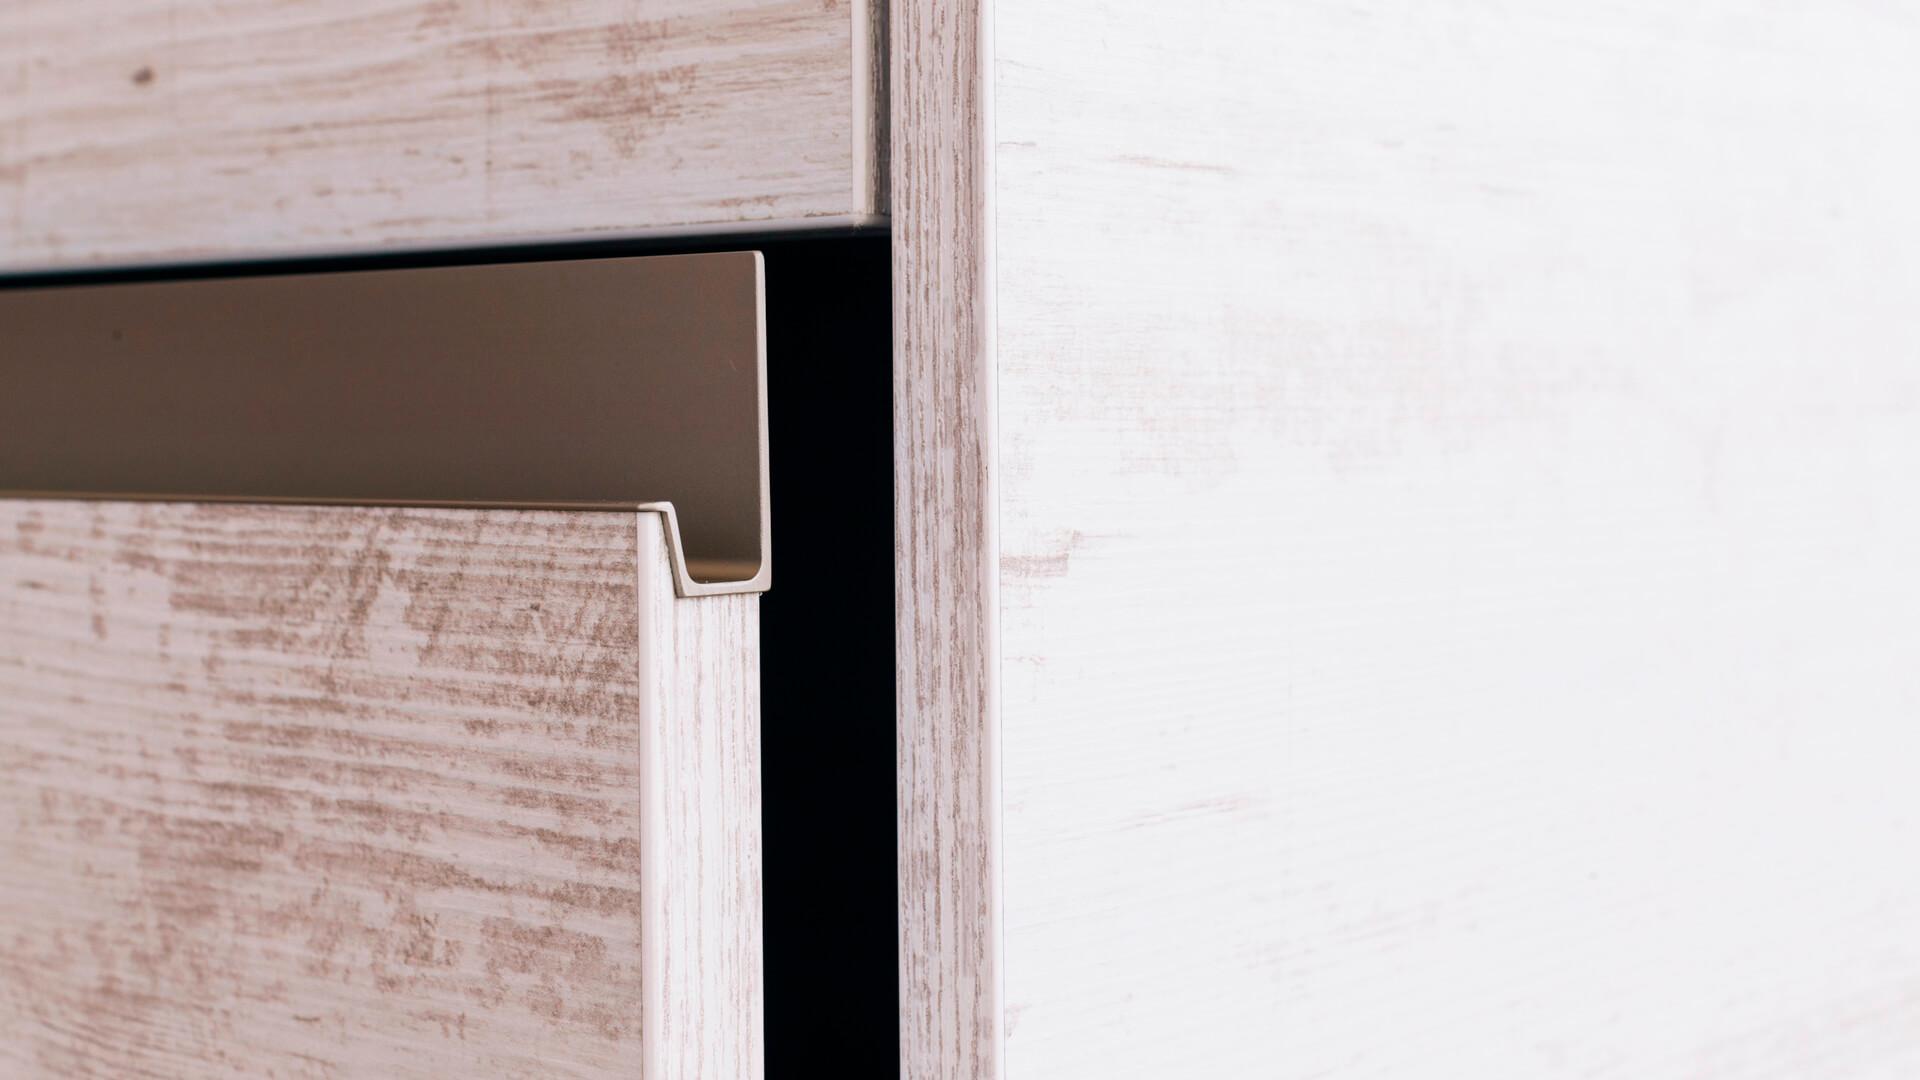 Full Size of Schrankgriffe Küche Griffe Ffnungssysteme Fr Ihre Kche Ratiomat Sitzgruppe Einbauküche Nobilia Rosa Barhocker Einhebelmischer Lieferzeit Abfalleimer Wohnzimmer Schrankgriffe Küche